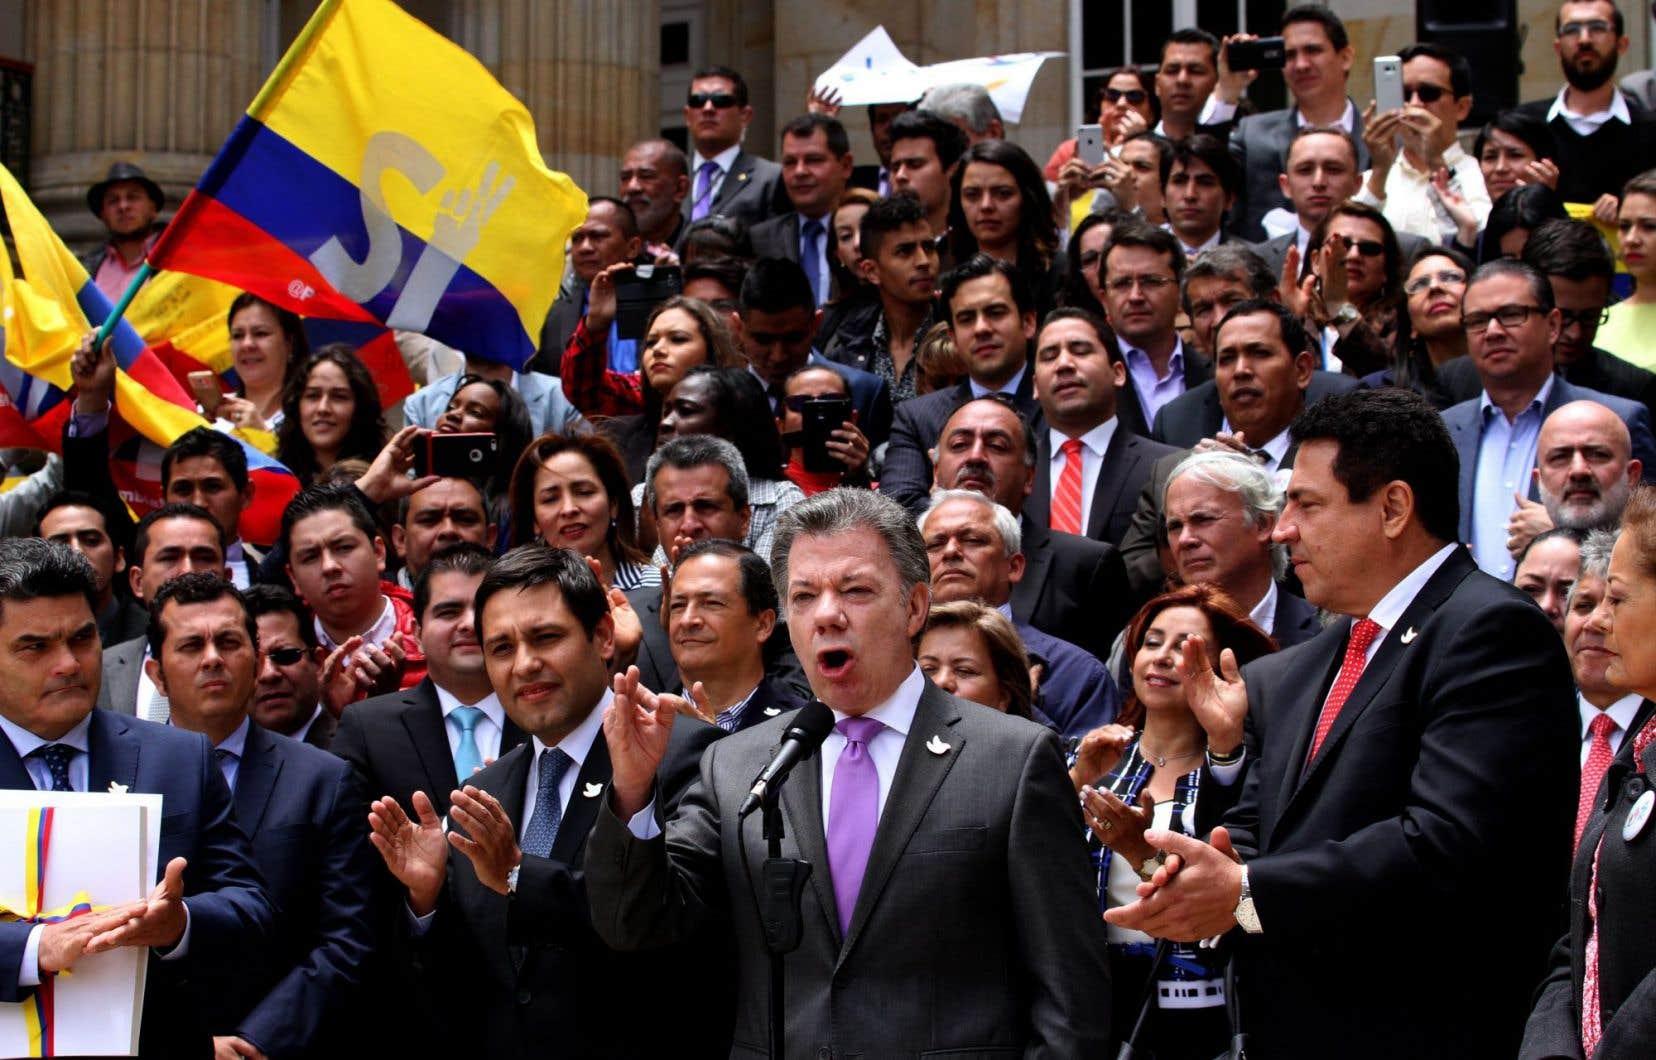 Le président colombien Juan Manuel Santosa indiqué que l'annonce de cette signature était <em>«peut-être de l'annonce la plus importante»</em> qu'il ait faite dans sa vie.